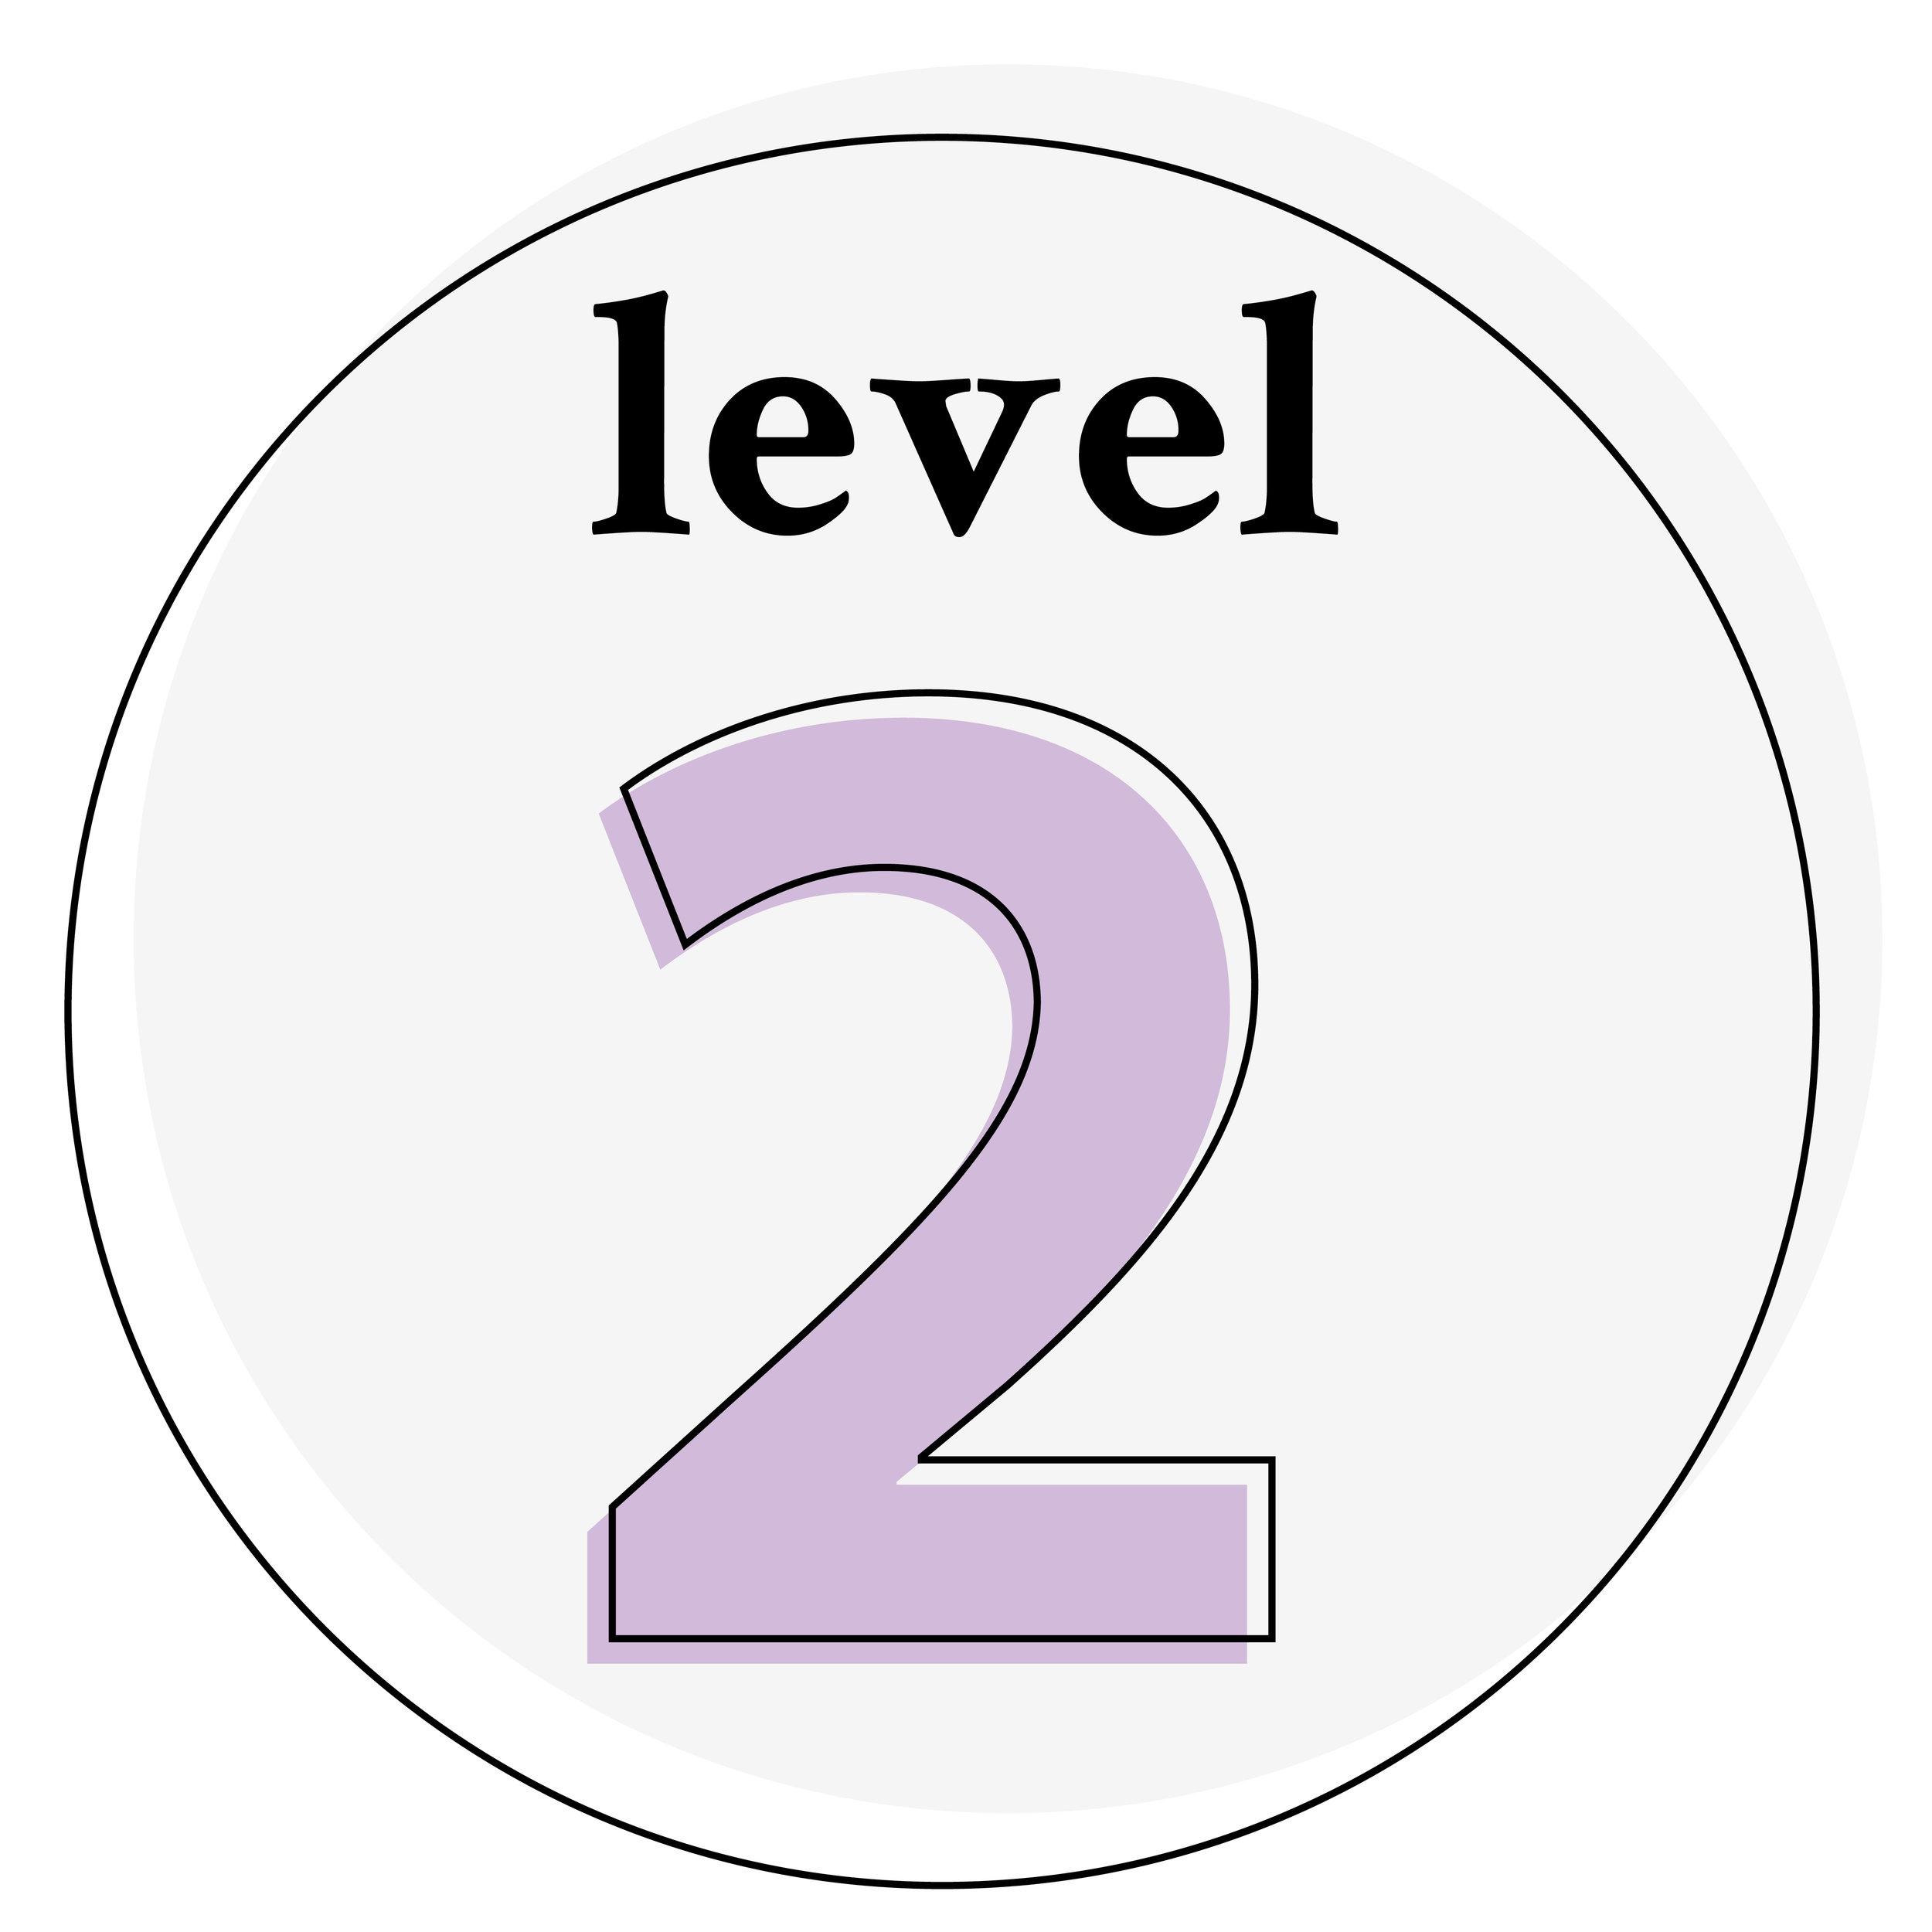 icon-level-2.jpg